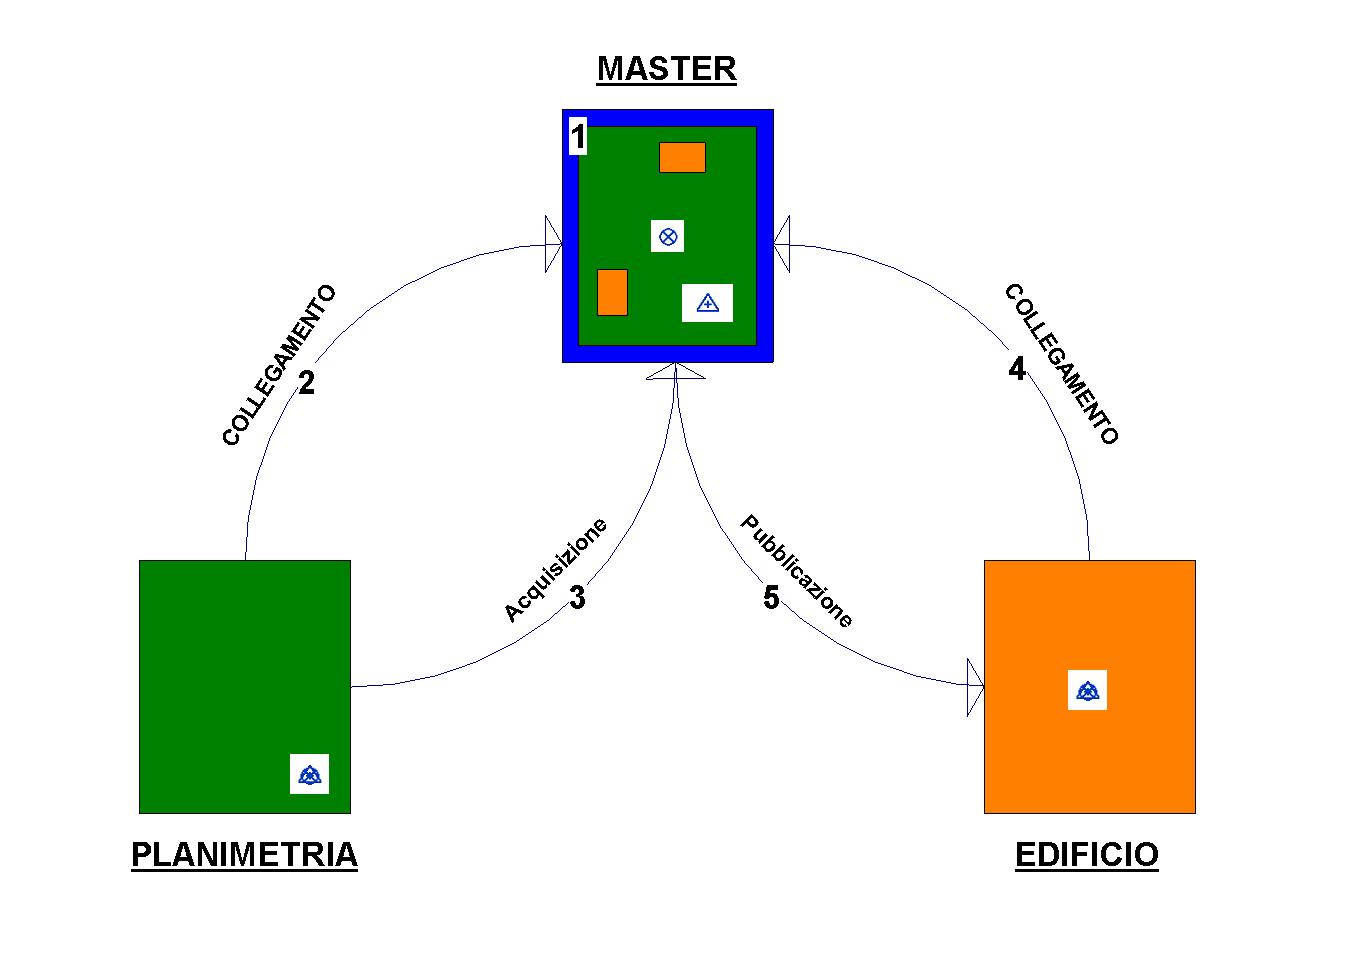 Schematizzazione di un normale workflow di lavoro con i file collegati.